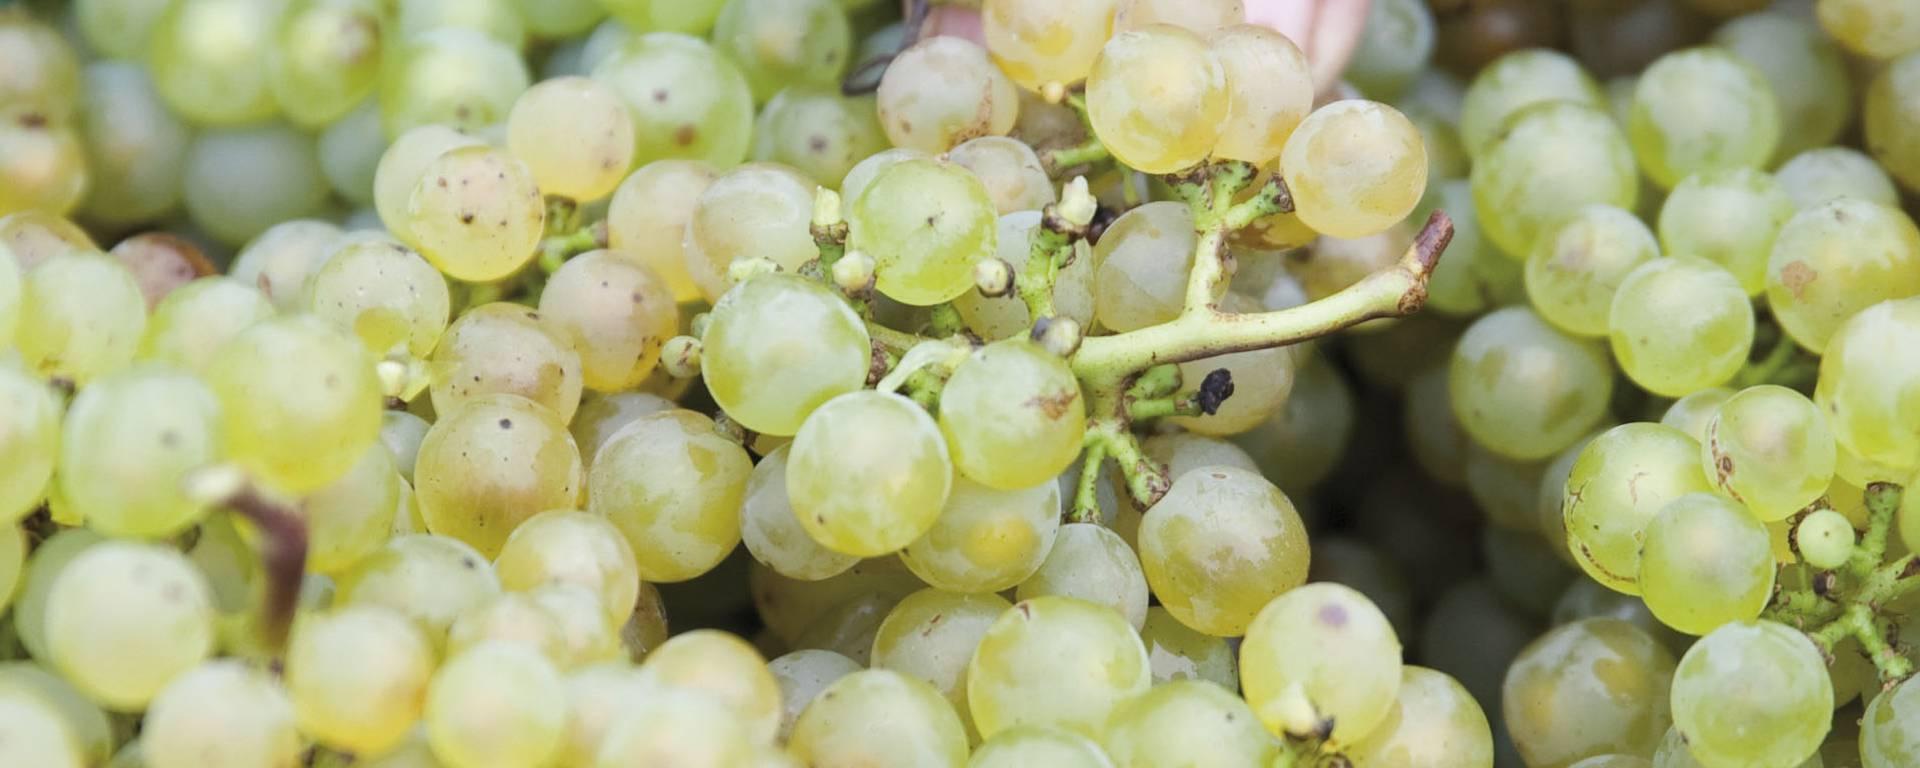 Le raisin récolté © Brigitte Baudesson